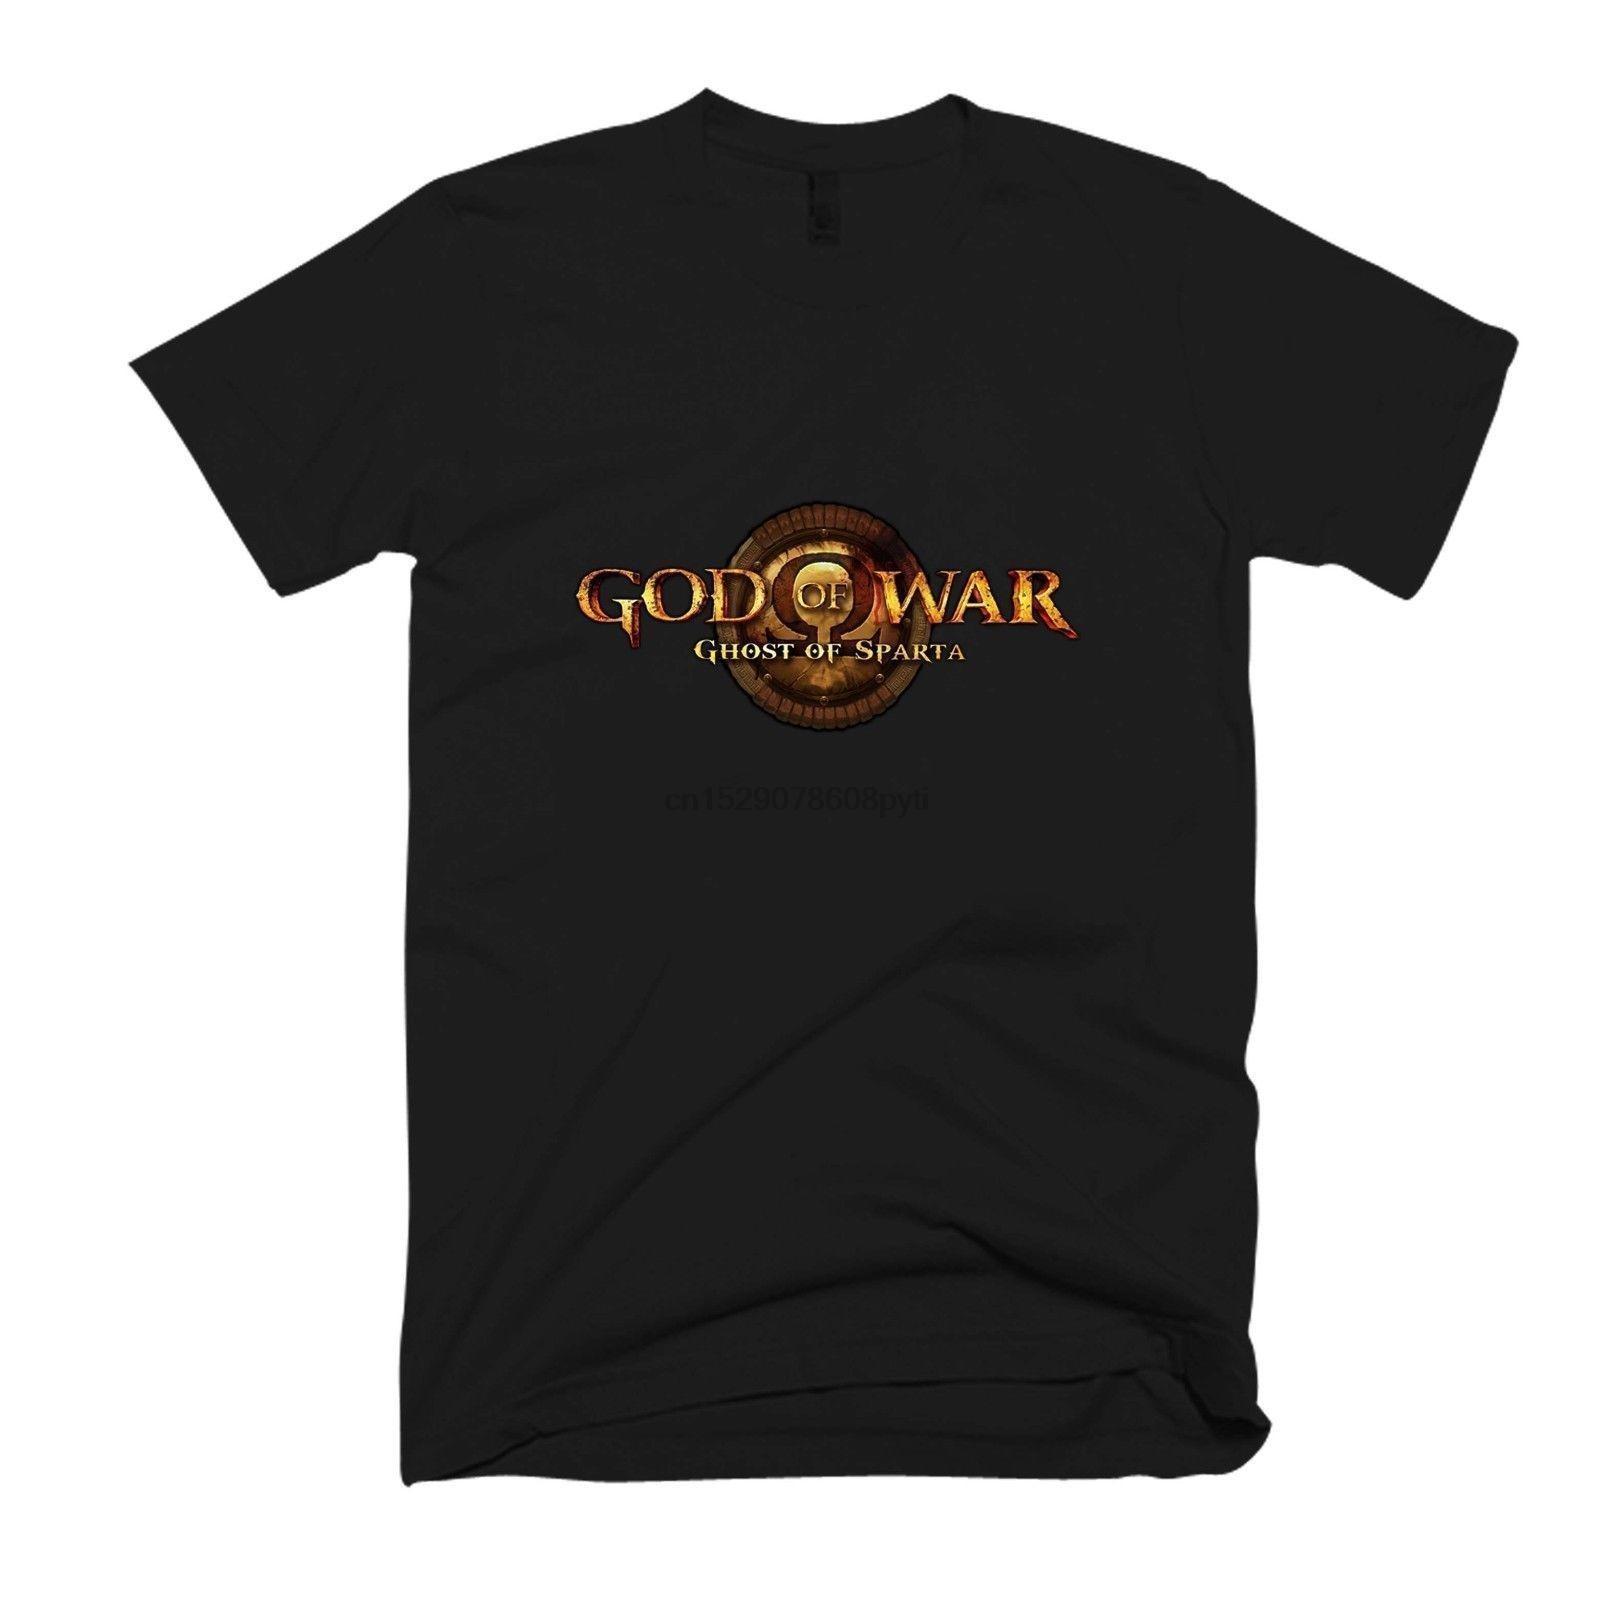 Nuovo God Of War Of Sparta Uomini woment-shirt FORMATO casuale maglietta S M L XL 2XL 3XL Af1Cool Uomini Unisex Moda maglietta